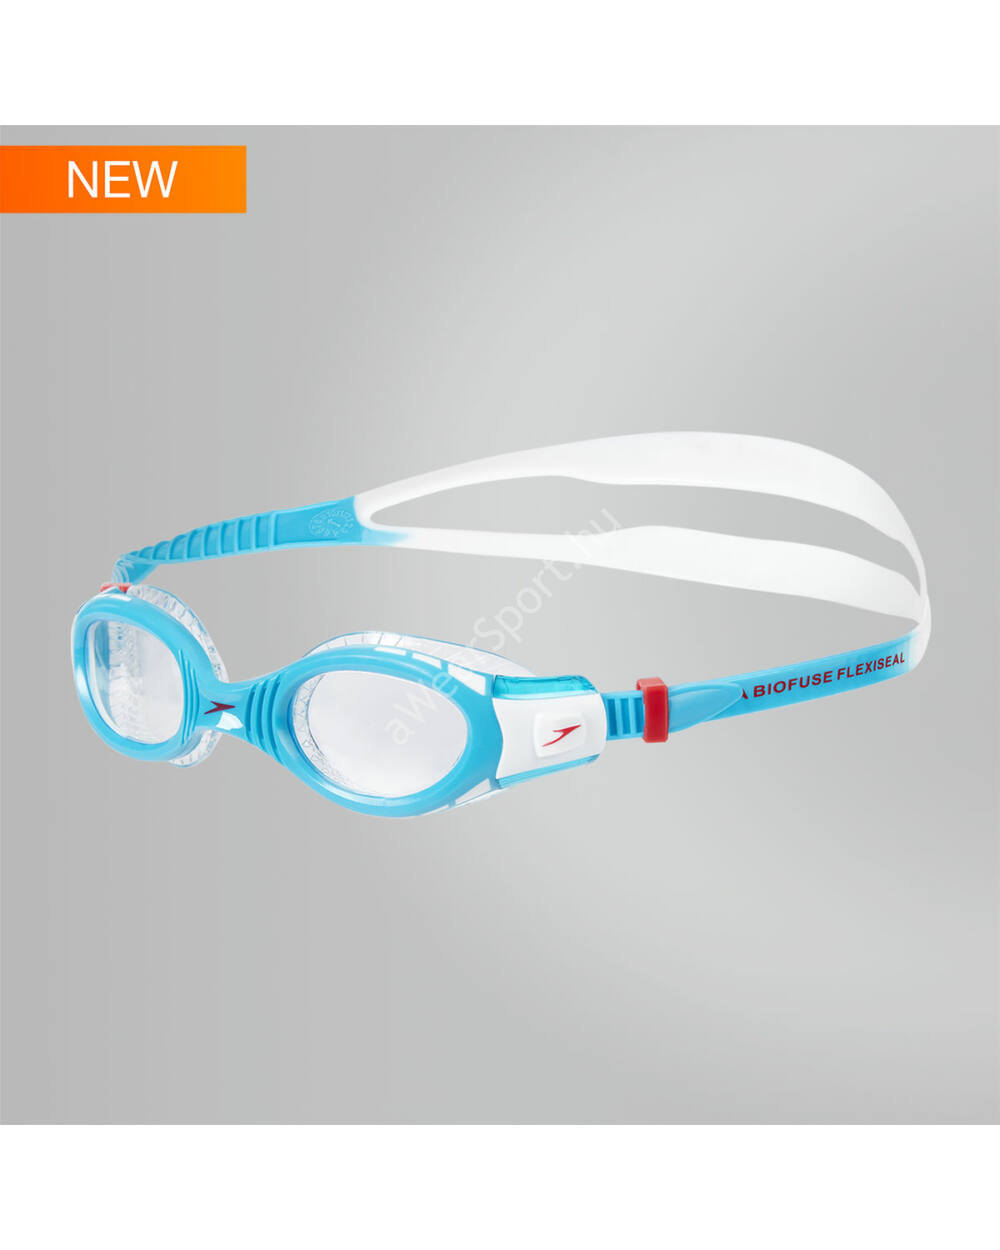 Speedo Futura Biofuse Flexiseal Junior úszószemüveg 6-14 éves, kék